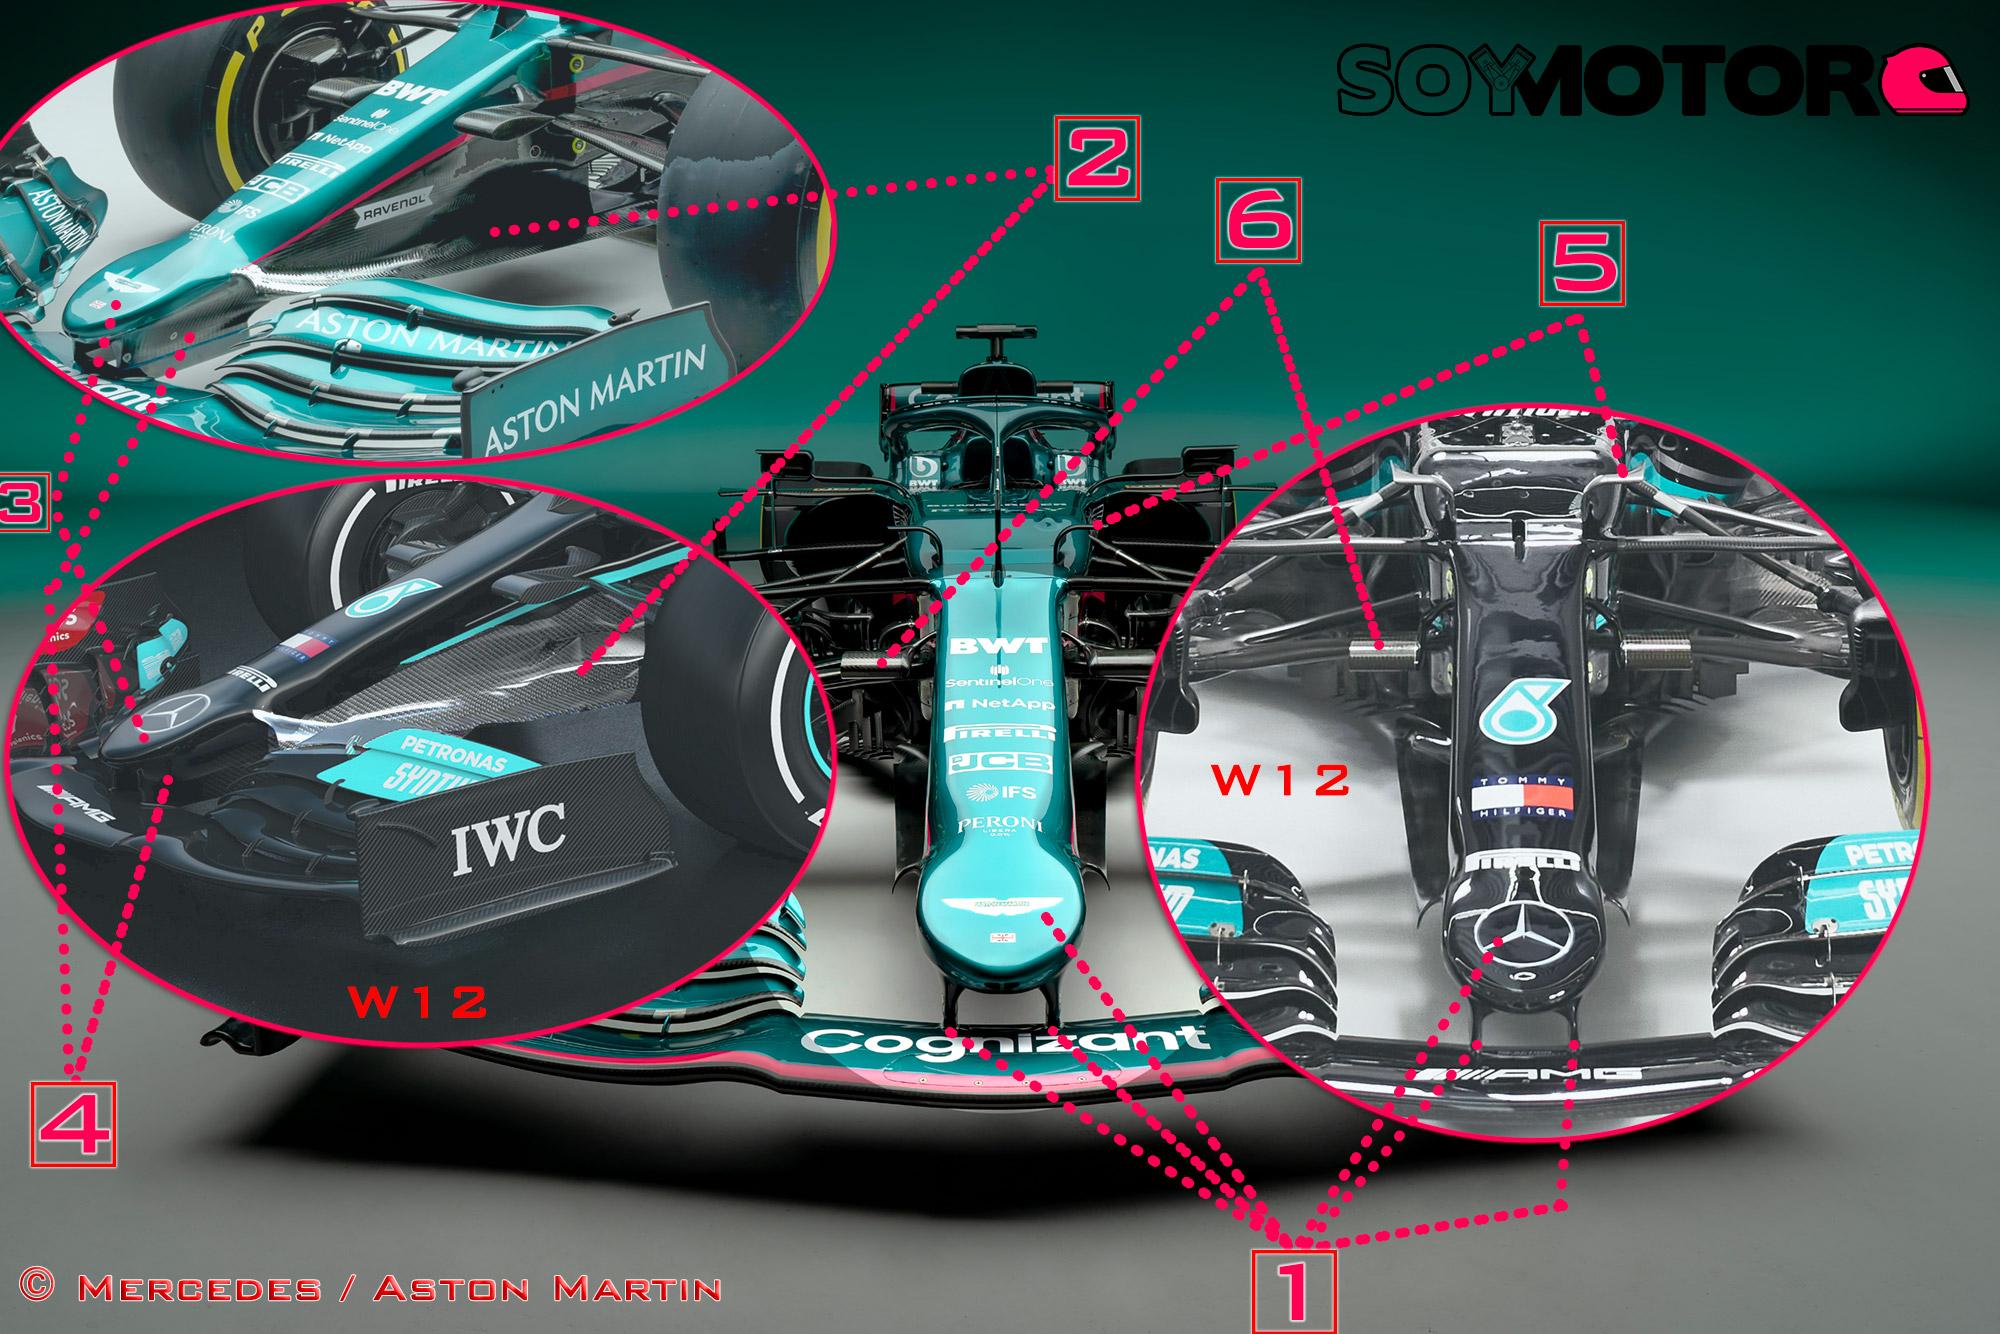 amr21-w11-12-morro-y-cape-soymotor.jpg